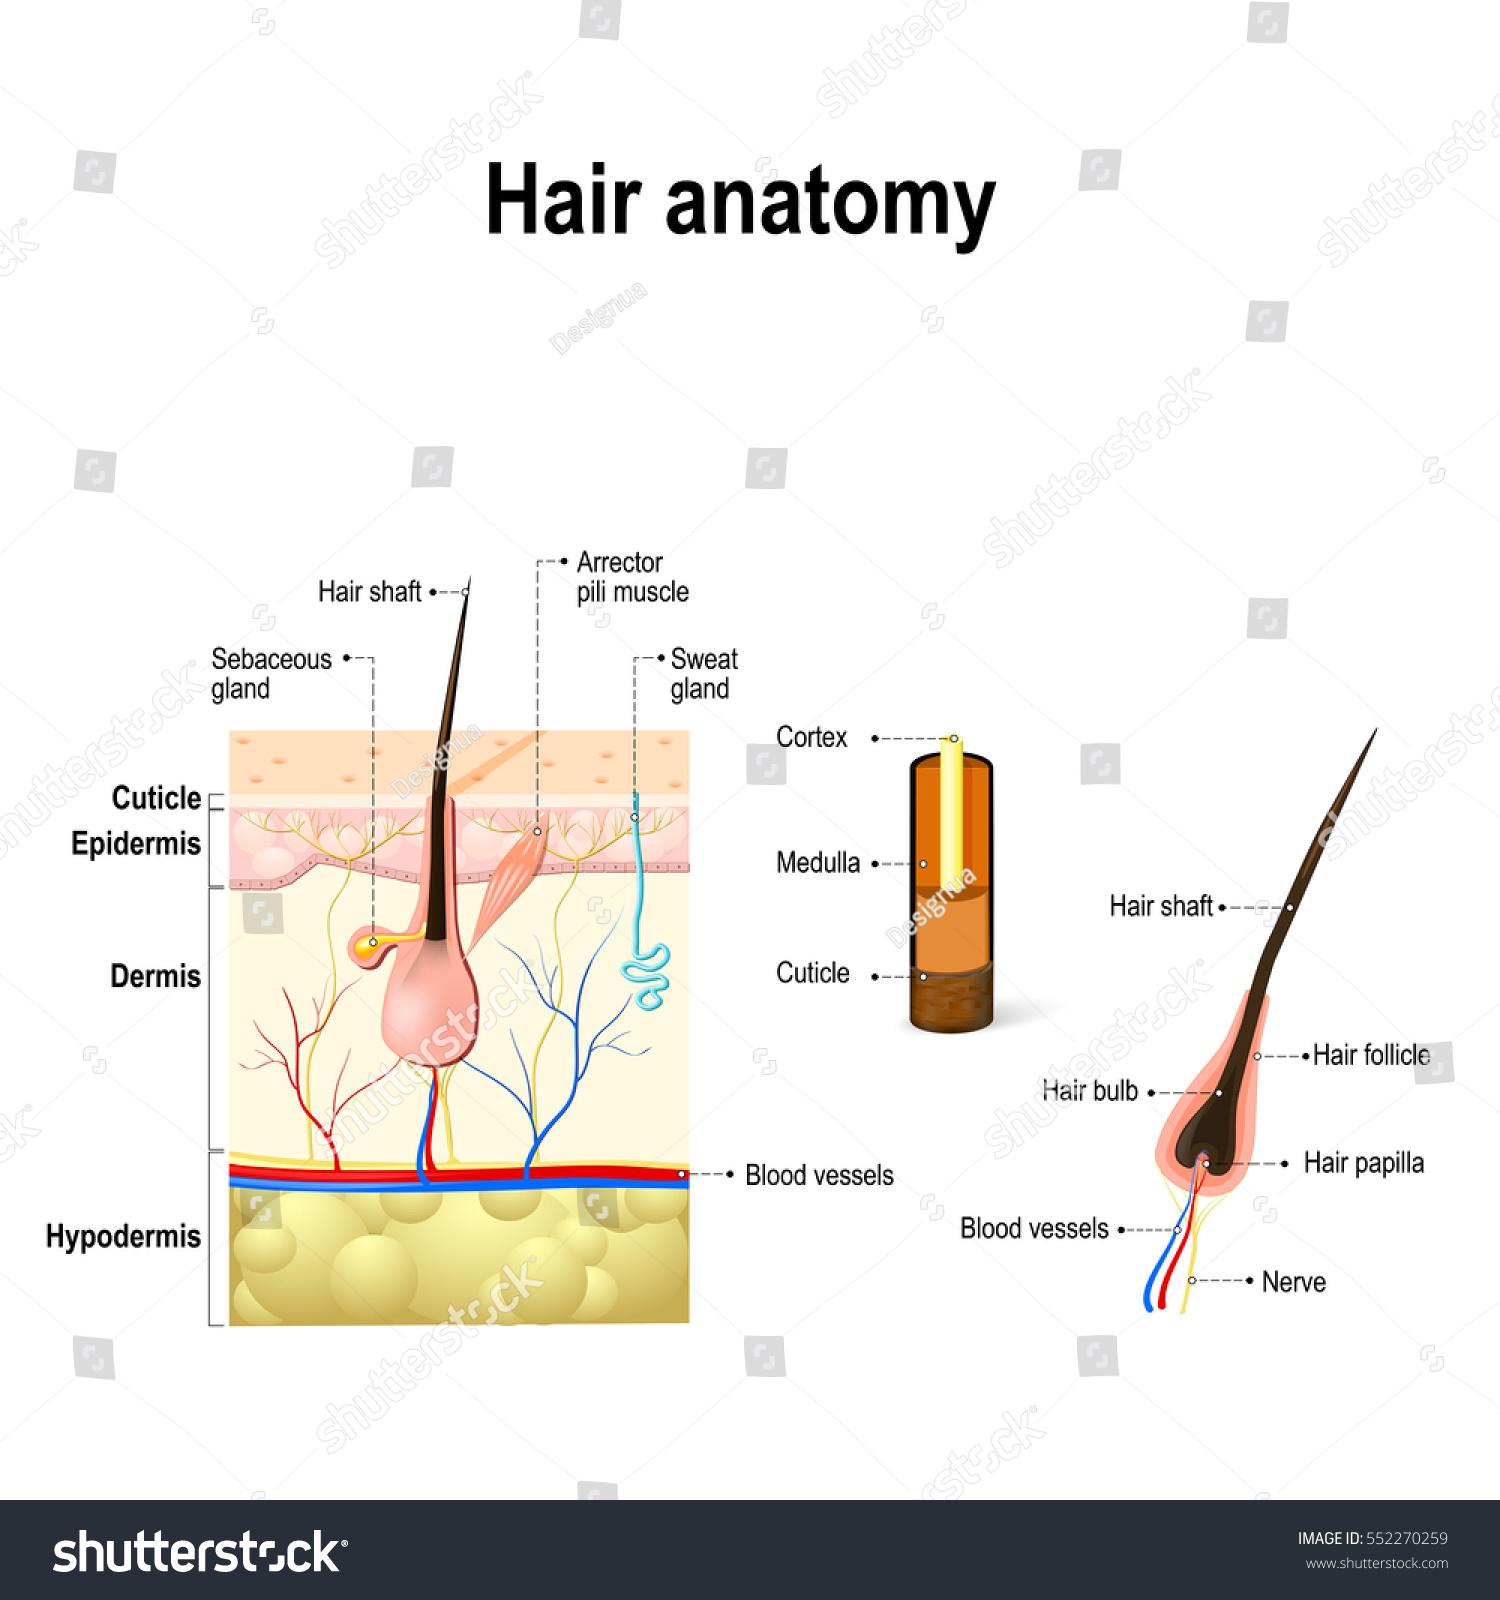 Hair Anatomy Diagram Hair Follicle Cross Stock Vector 552270259 ...